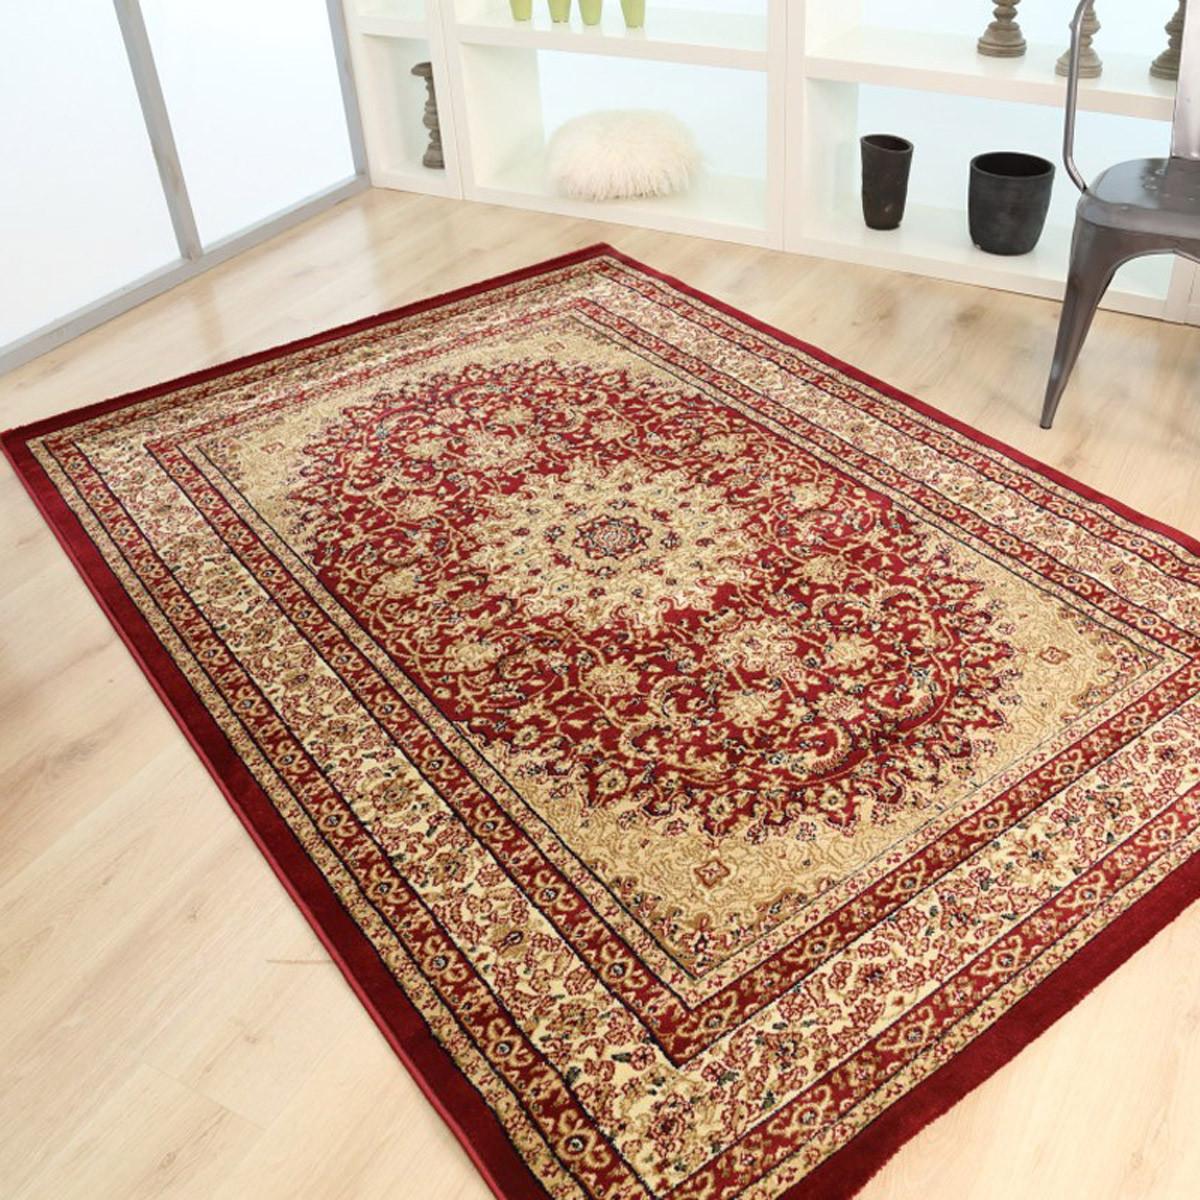 Χαλιά Κρεβατοκάμαρας (Σετ 3τμχ) Royal Carpets Olympia 6045A Red